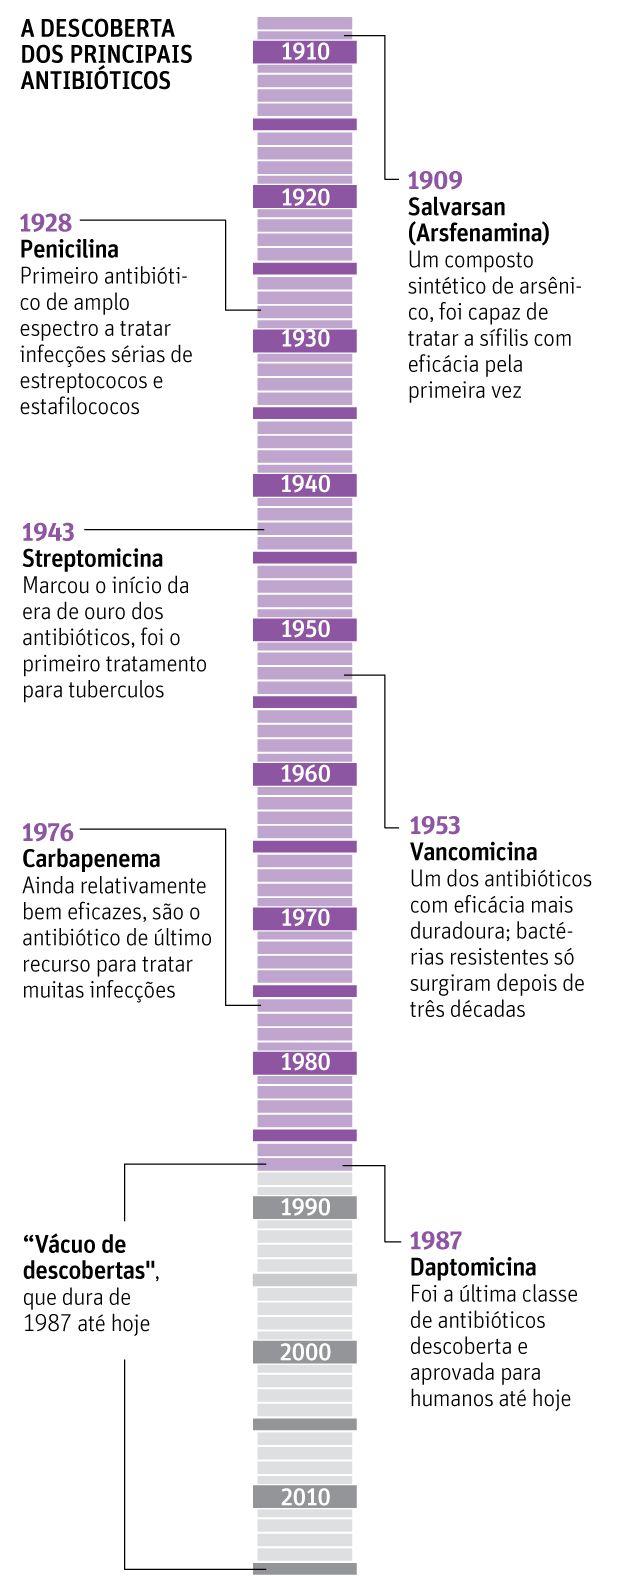 Descoberta das principais classes de antibióticos.